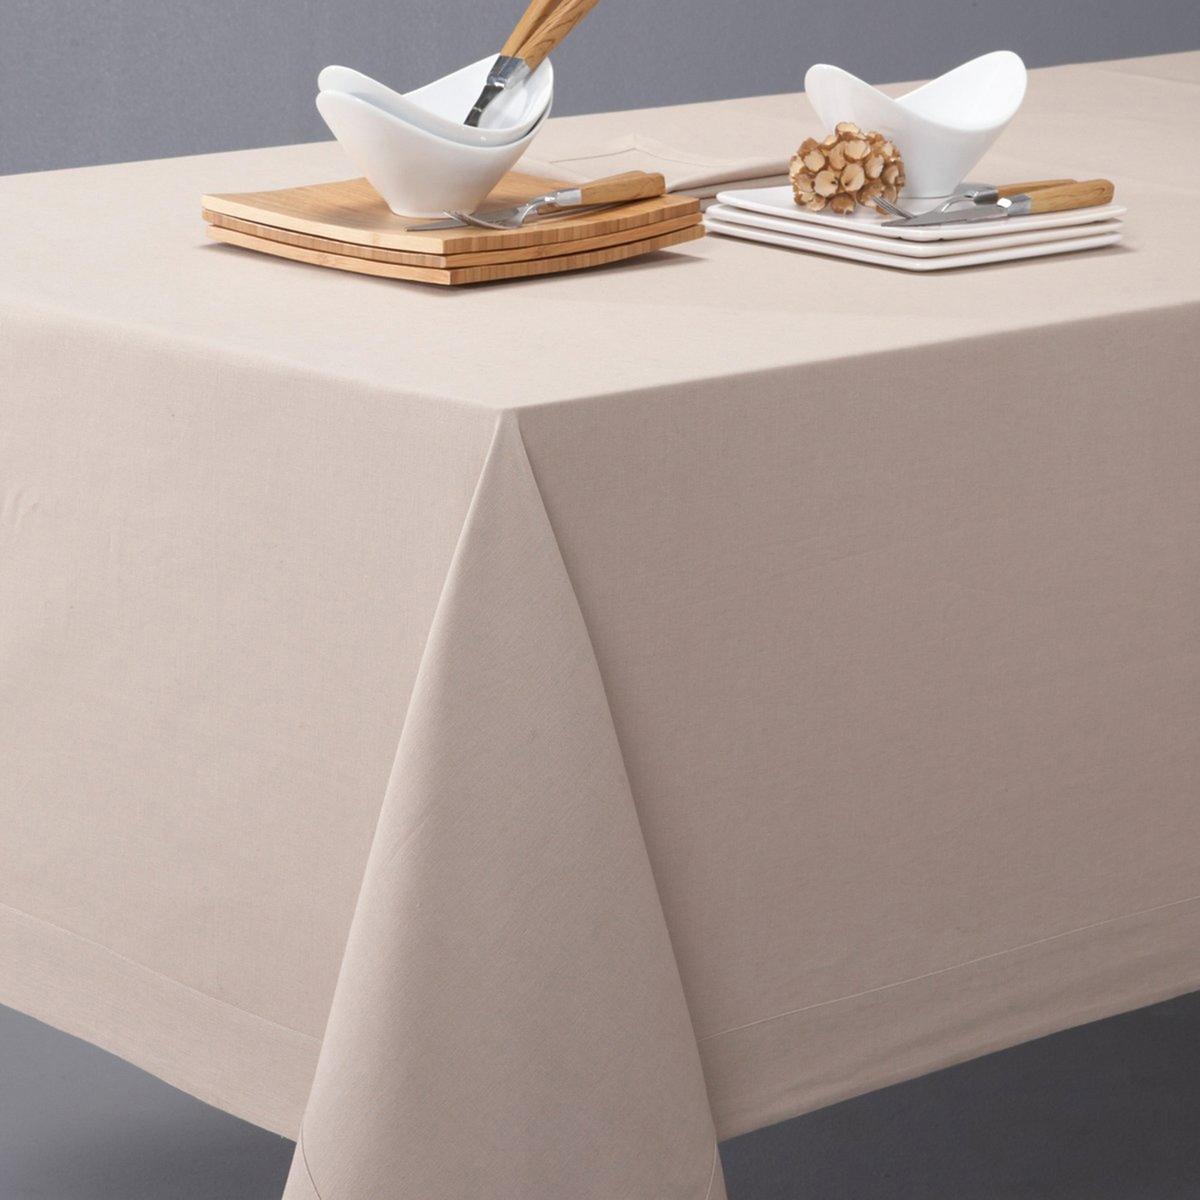 Скатерть из полушерстяной ткани, BORDERНатуральная полушерстяная ткань из волокон льна и хлопка, мягкая и устойчивая к стиркам.Широкие подшитые края шириной 7 см на лицевой стороне.<br><br>Цвет: антрацит,бежевый,белый,гранатовый,розовая пудра,светло-серый,Серо-синий,шафран<br>Размер: 150 x 300.150 x 150  см.150 x 200  см.150 x 250  см.150 x 250  см.150 x 200  см.150 x 250  см